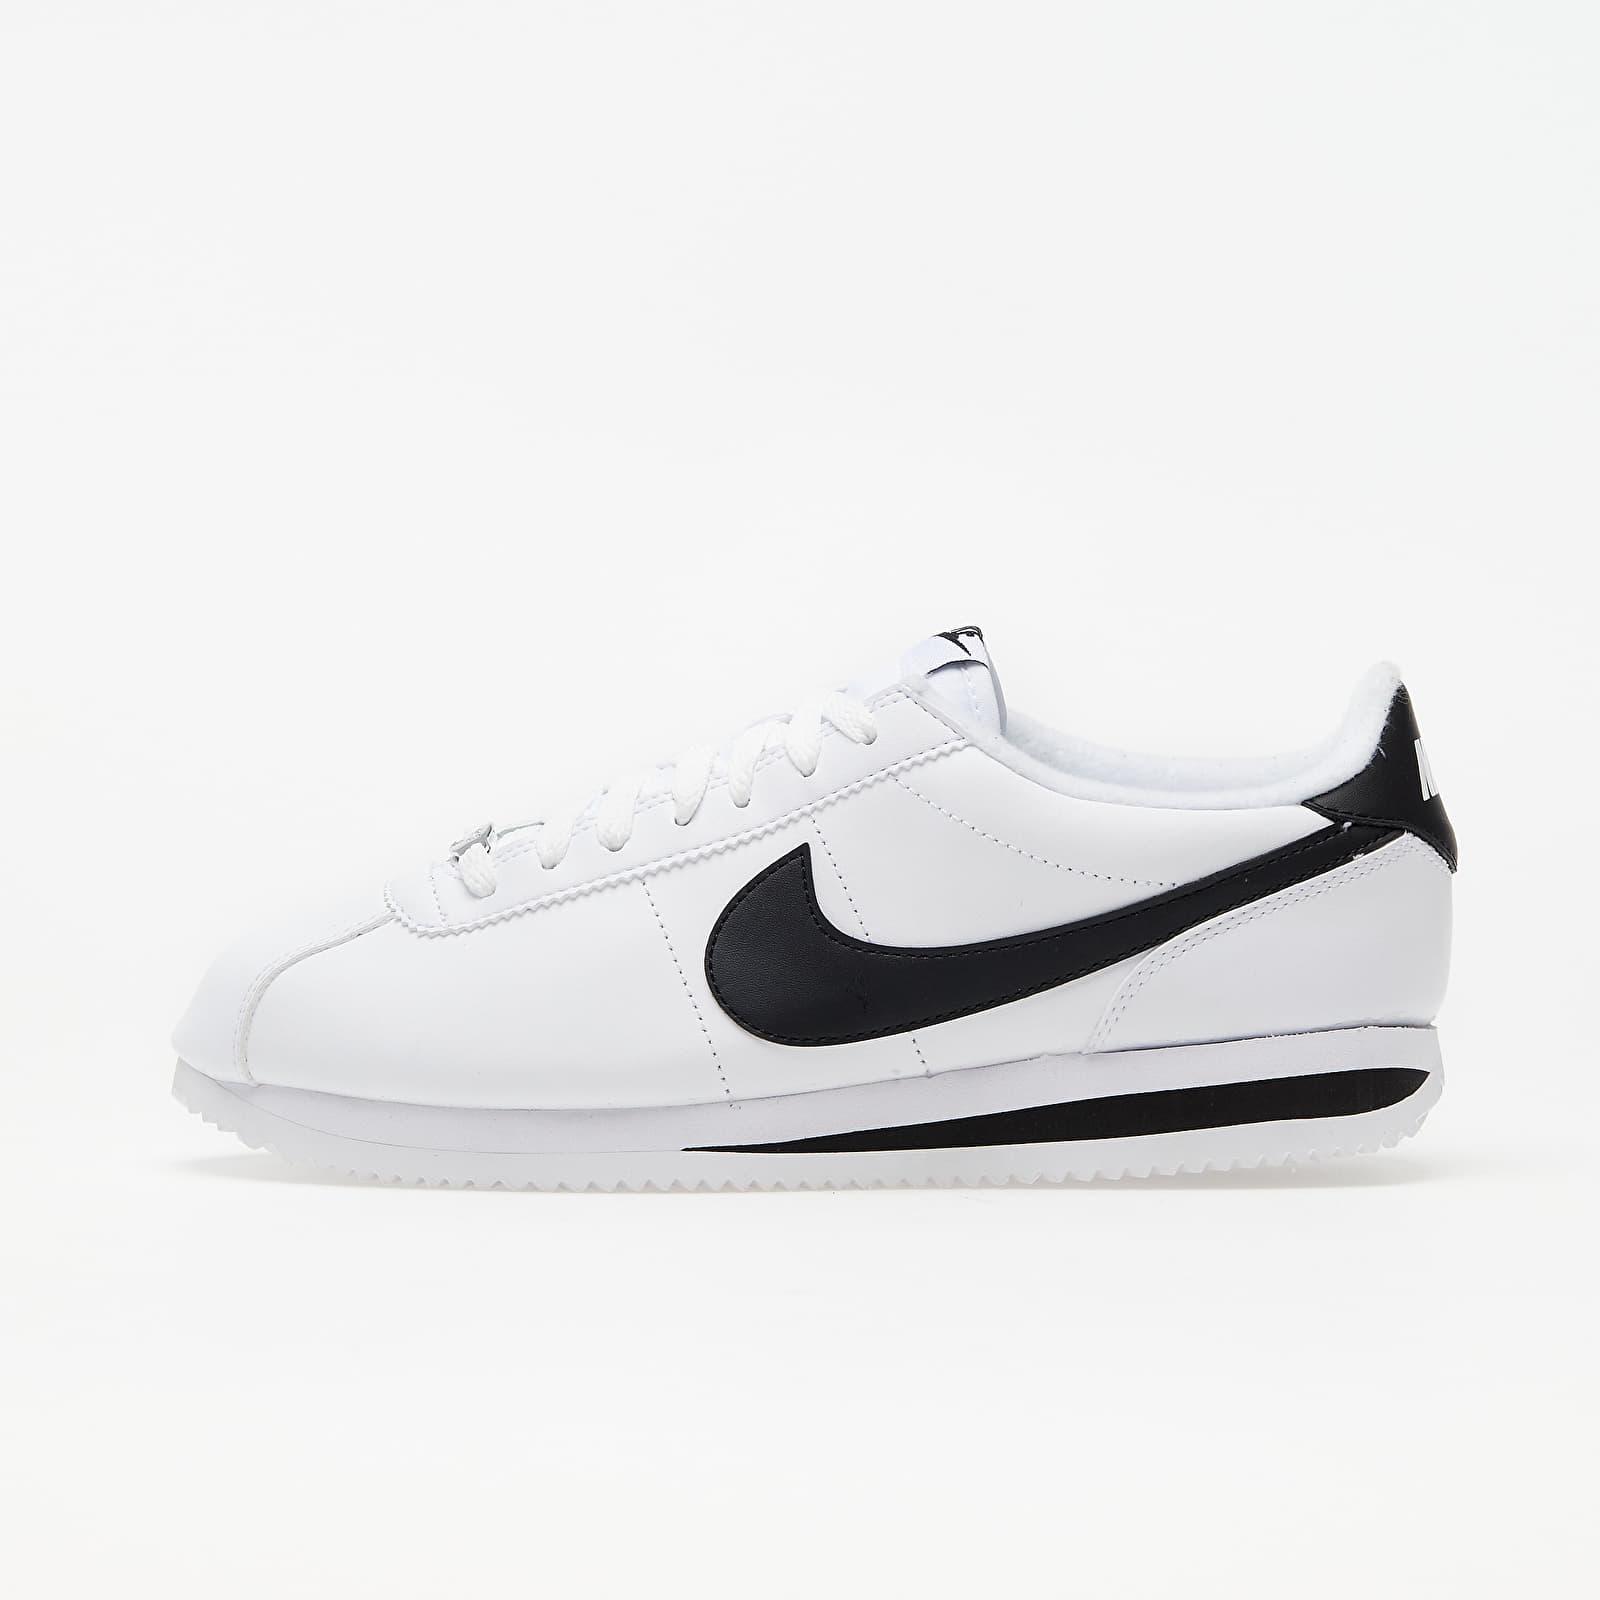 Nike Cortez Basic Leather White/ Black-Metallic Silver EUR 46